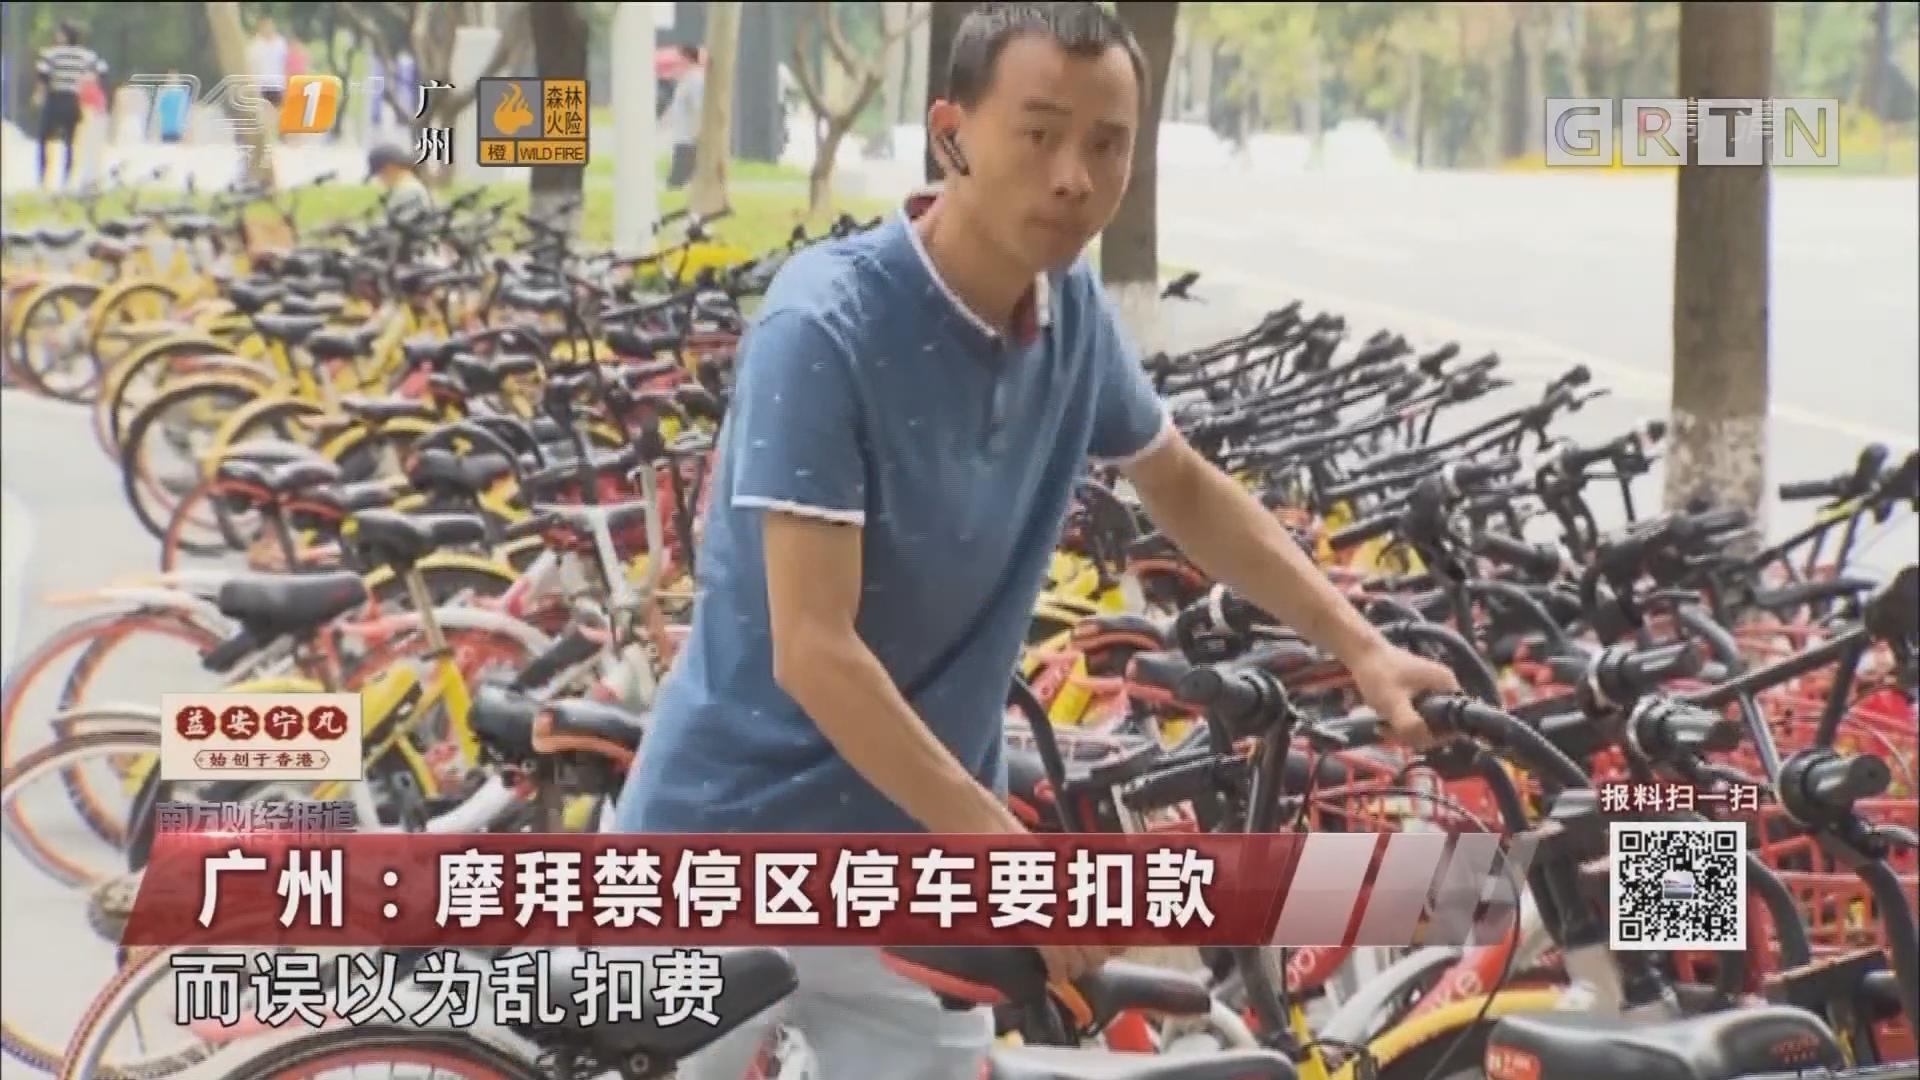 广州:摩拜禁停区停车要扣款